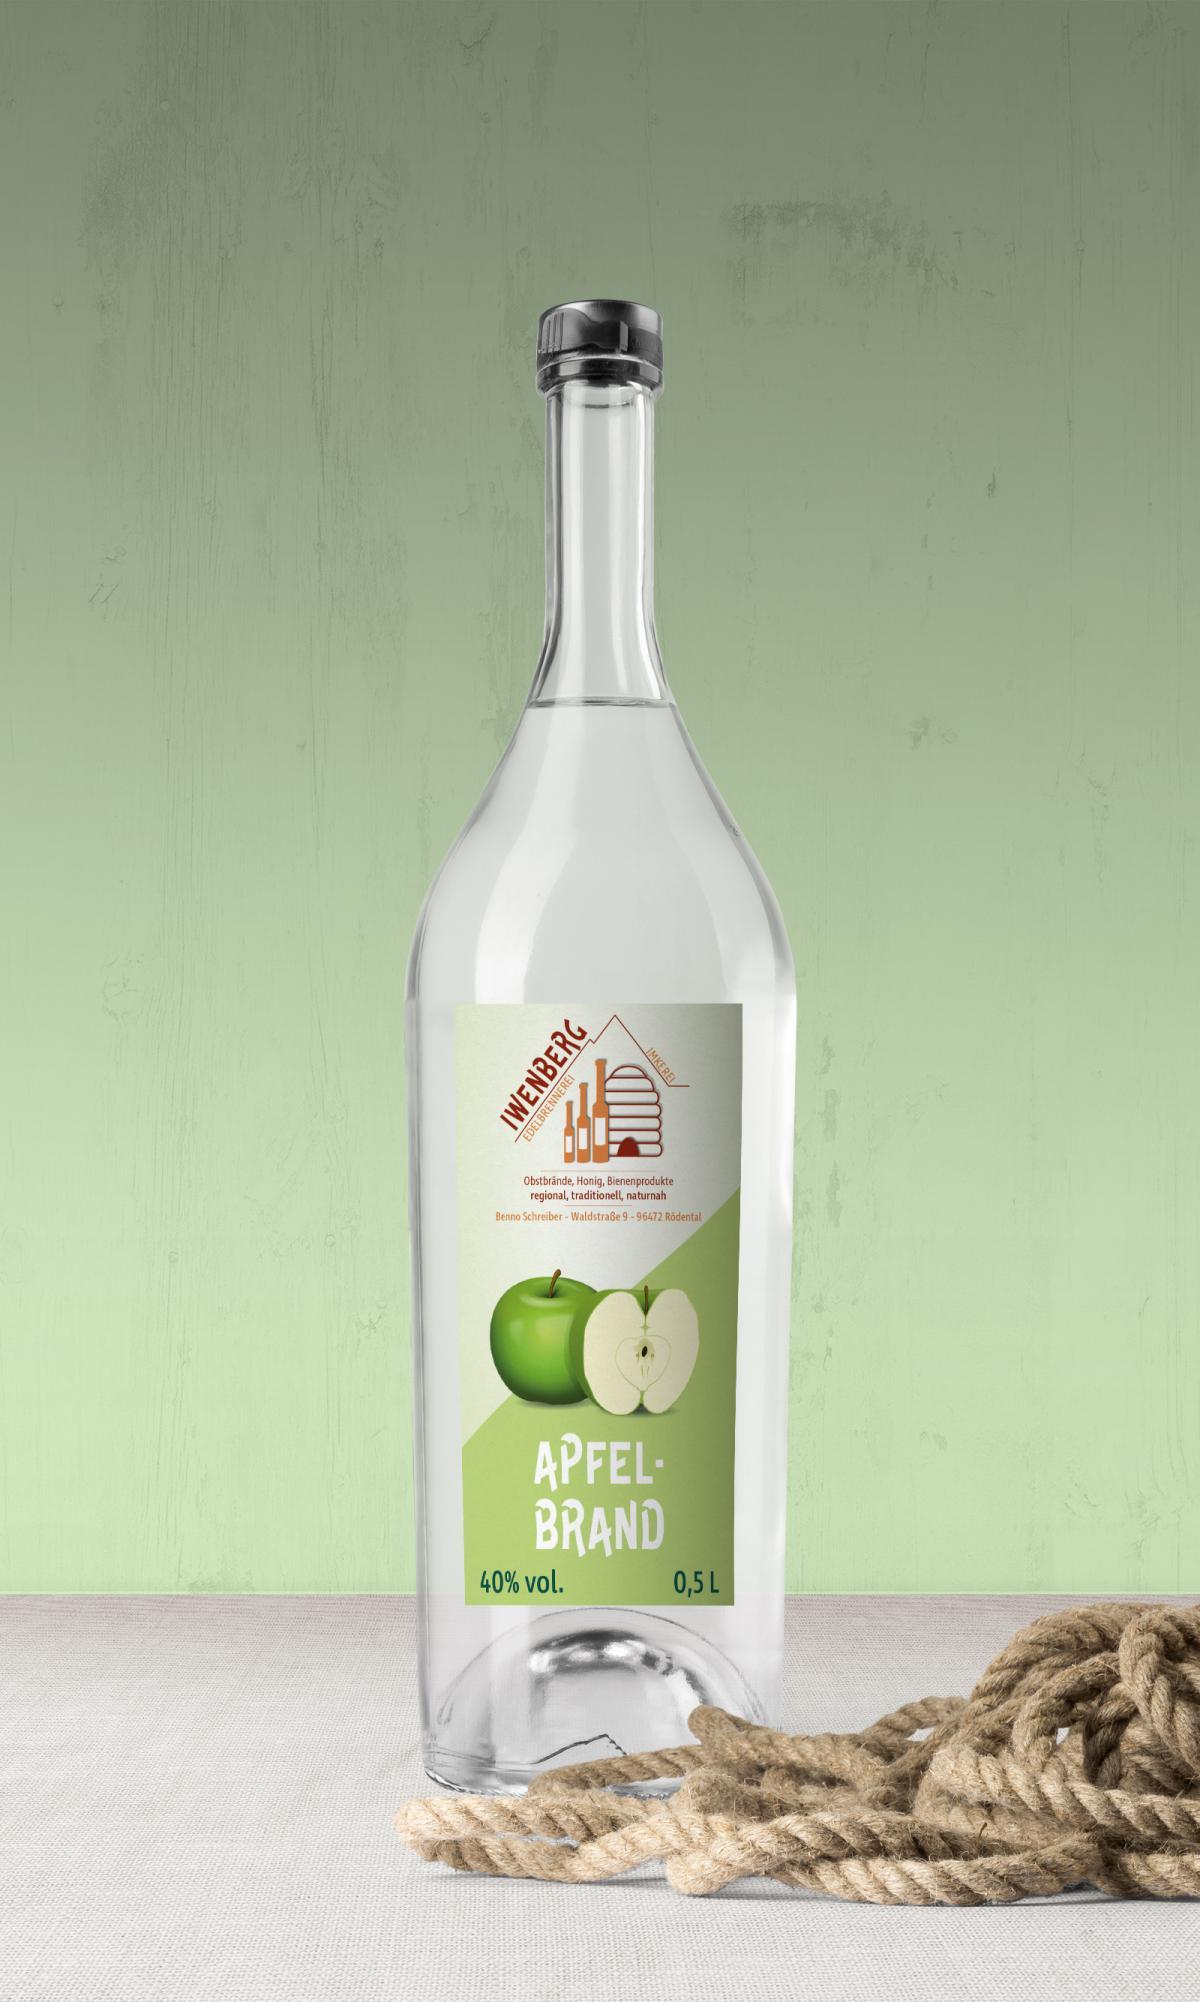 Eine etikettierte Flasche mit Apfelbrand der Iwenberg-Brennerei